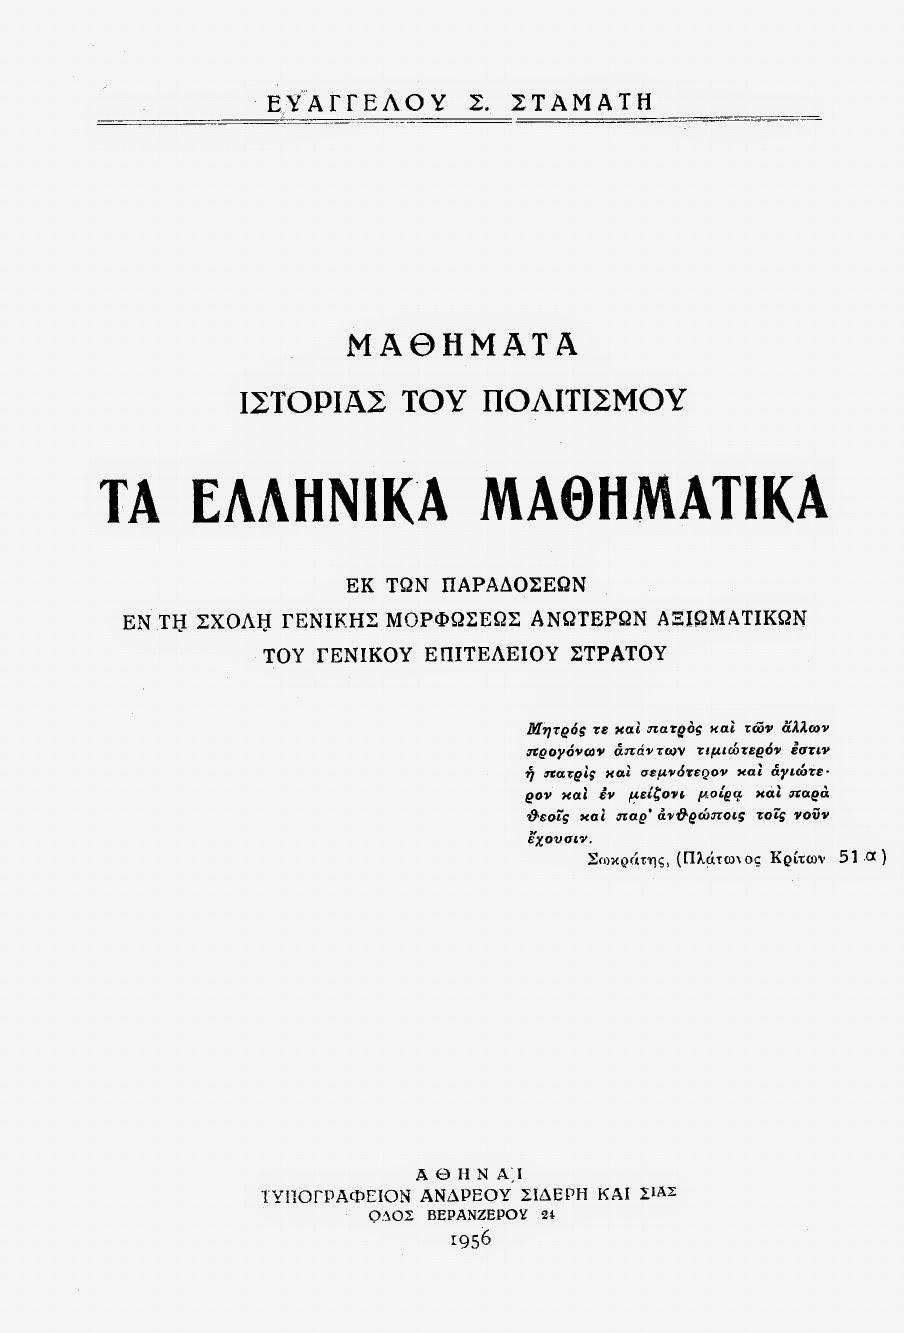 Ελληνικά Μαθηματικά  Ε. Σταμάτη